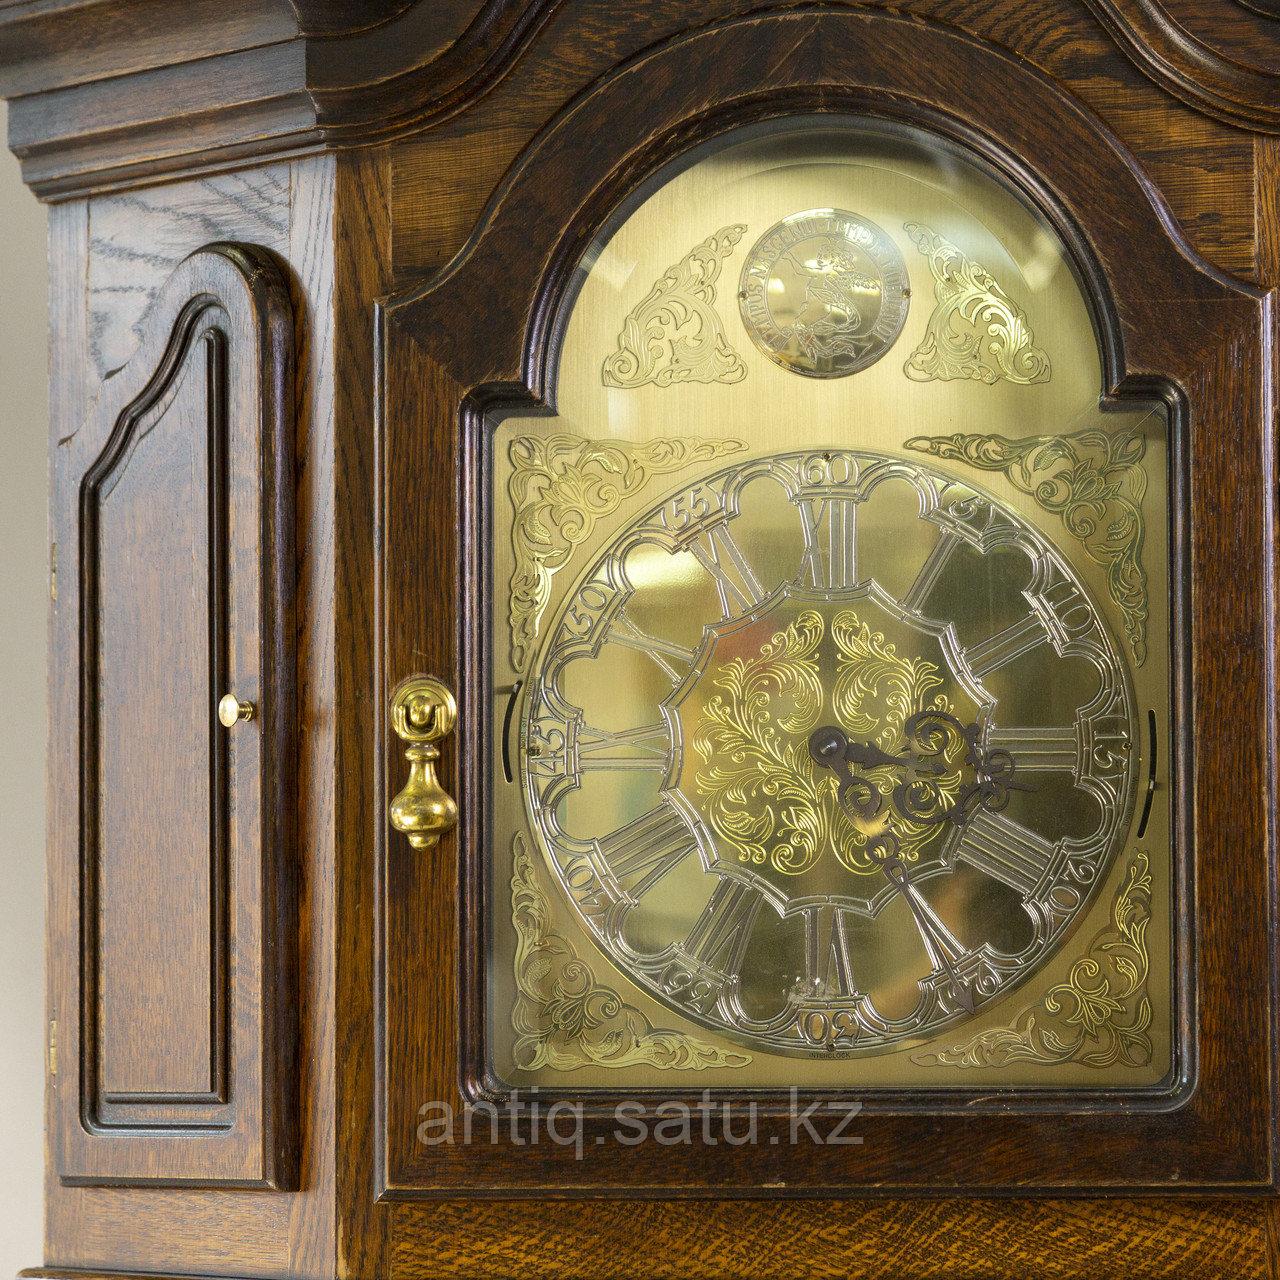 Напольные часы INTERCLOCK. Франция - фото 7